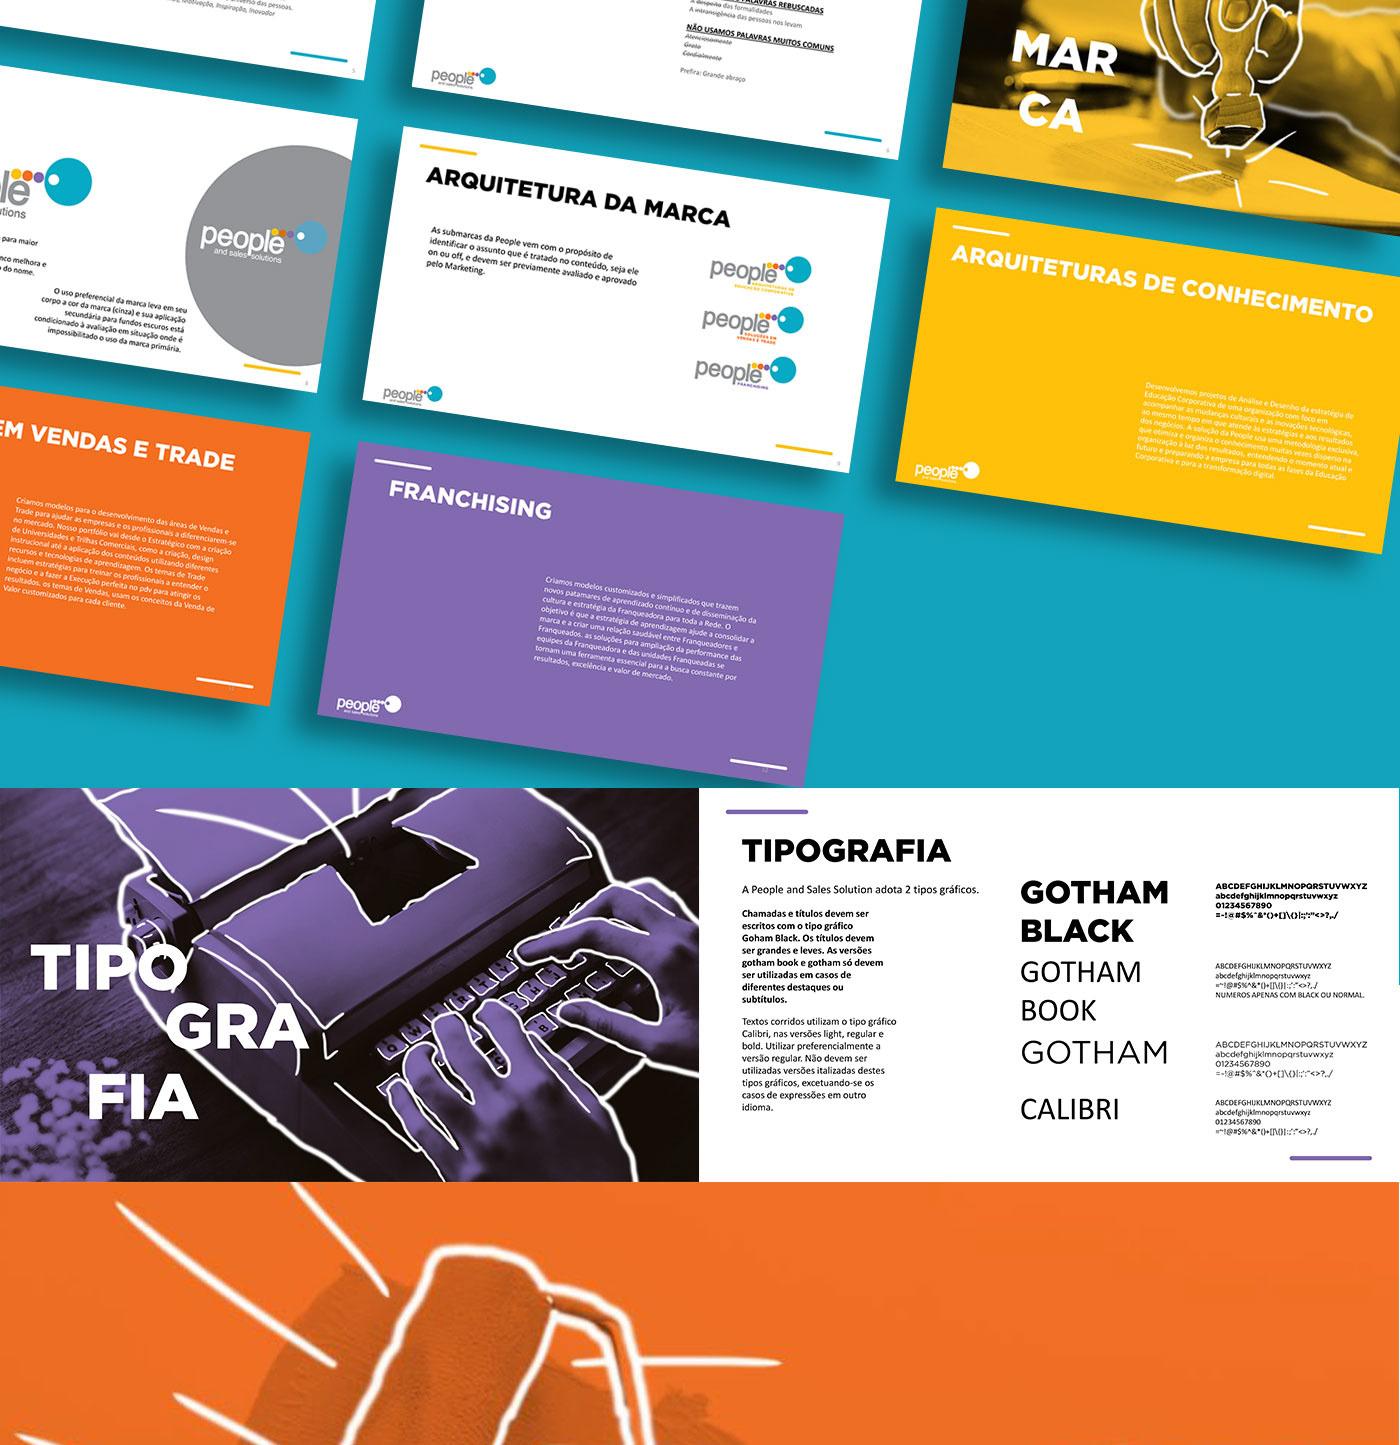 brandbook brand re-branding branding  marca book